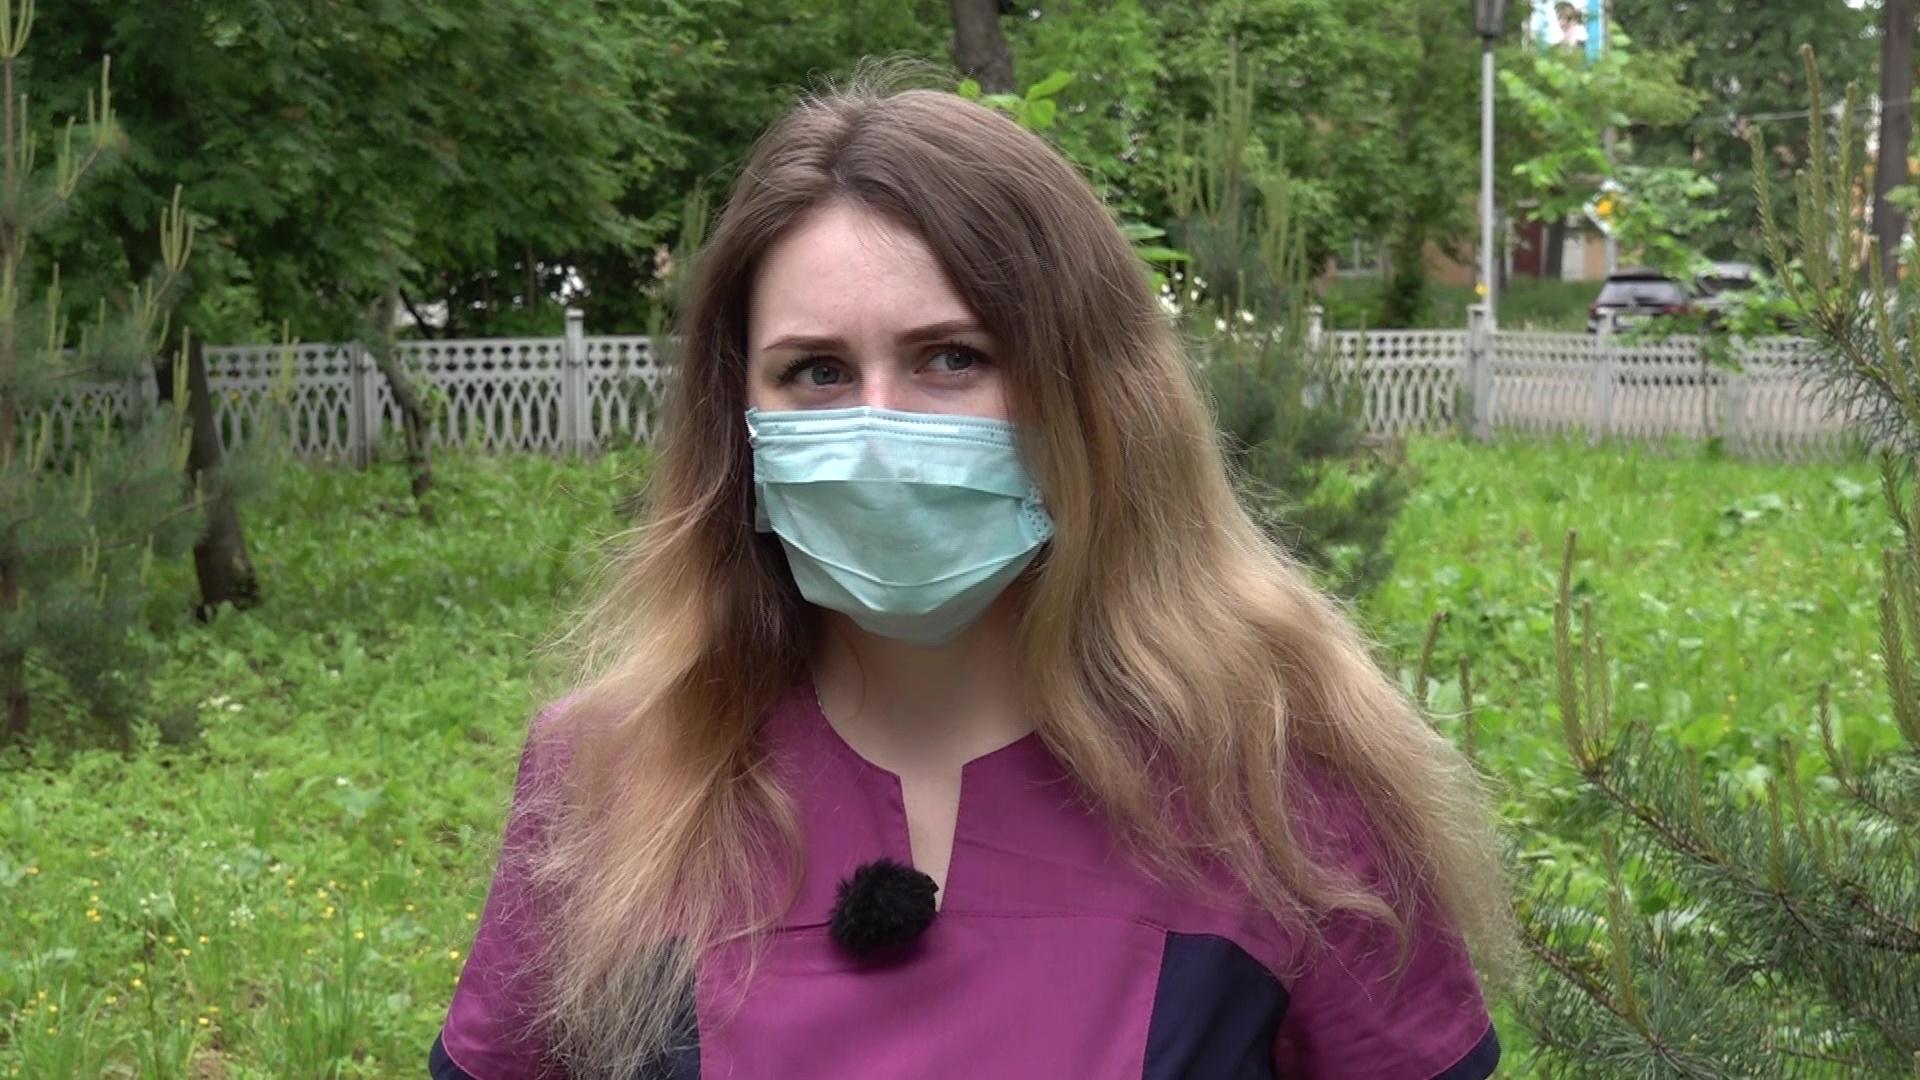 Заведующая лабораторией Роспотребнадзора рассказала, сколько времени требуется на тест на коронавирус